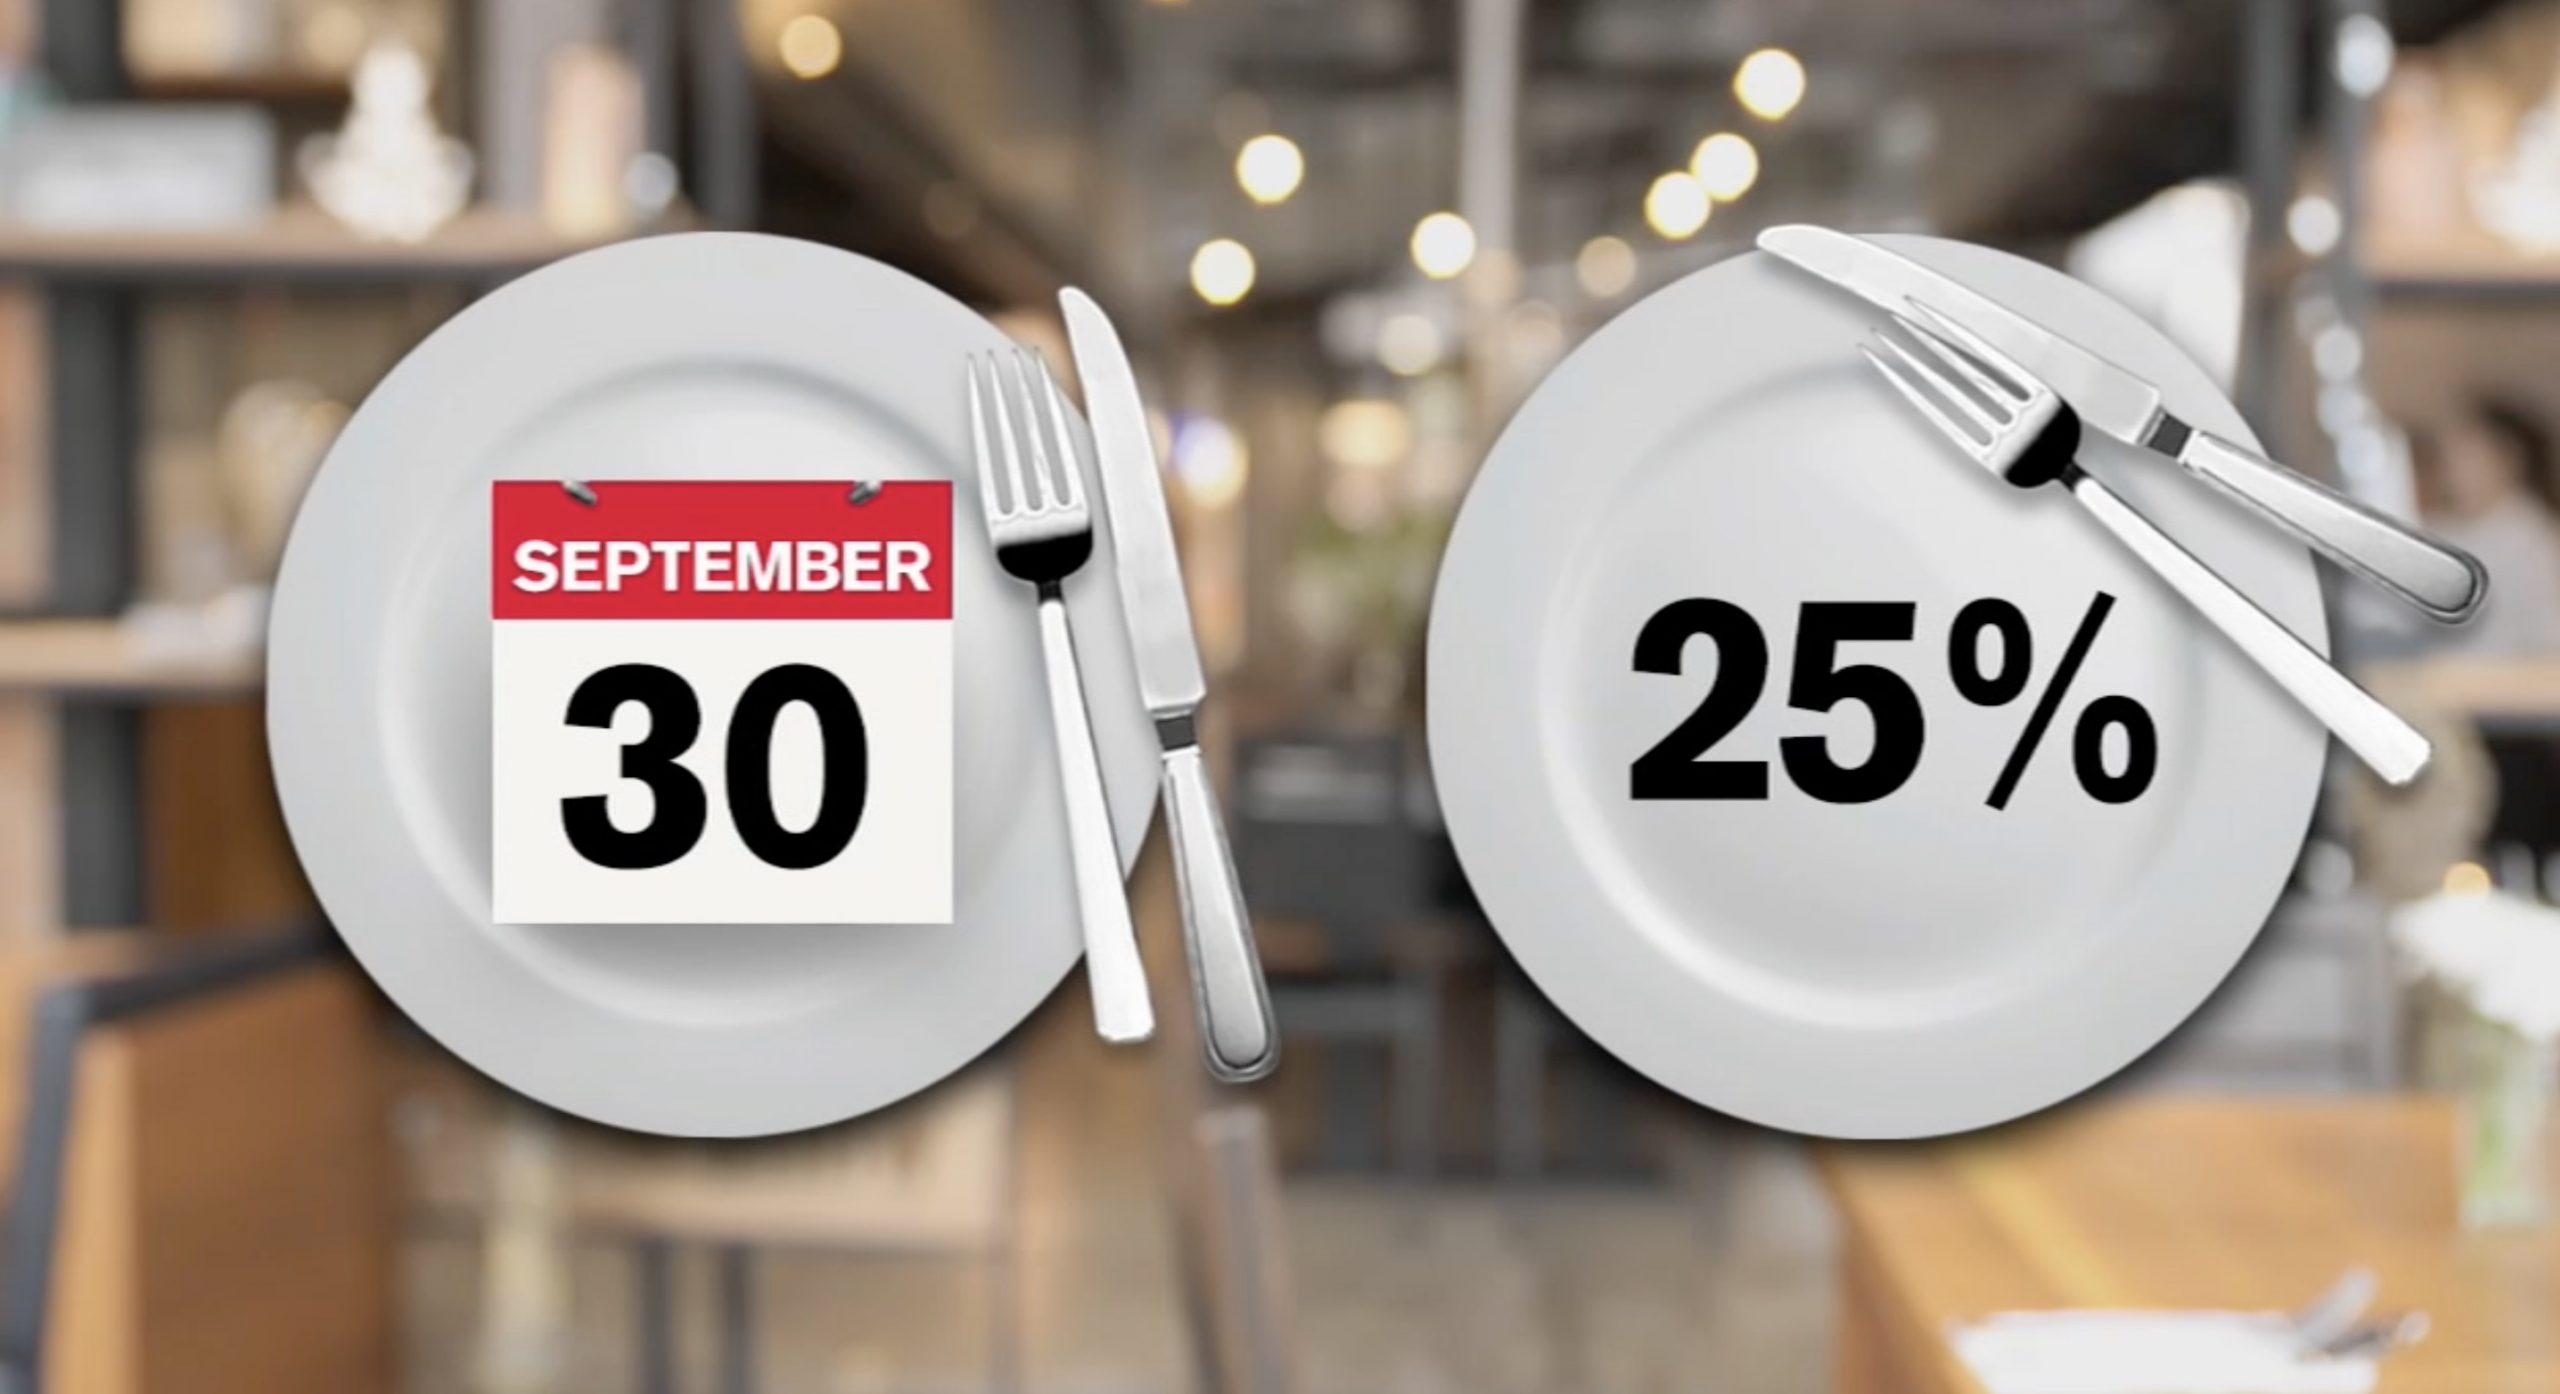 Imagem de dois pratos com talheres indicando respectivamente a data (30 de setembro) e a capacidade (25%) em que os restaurantes poderão operar em ambientes internos em Nova York